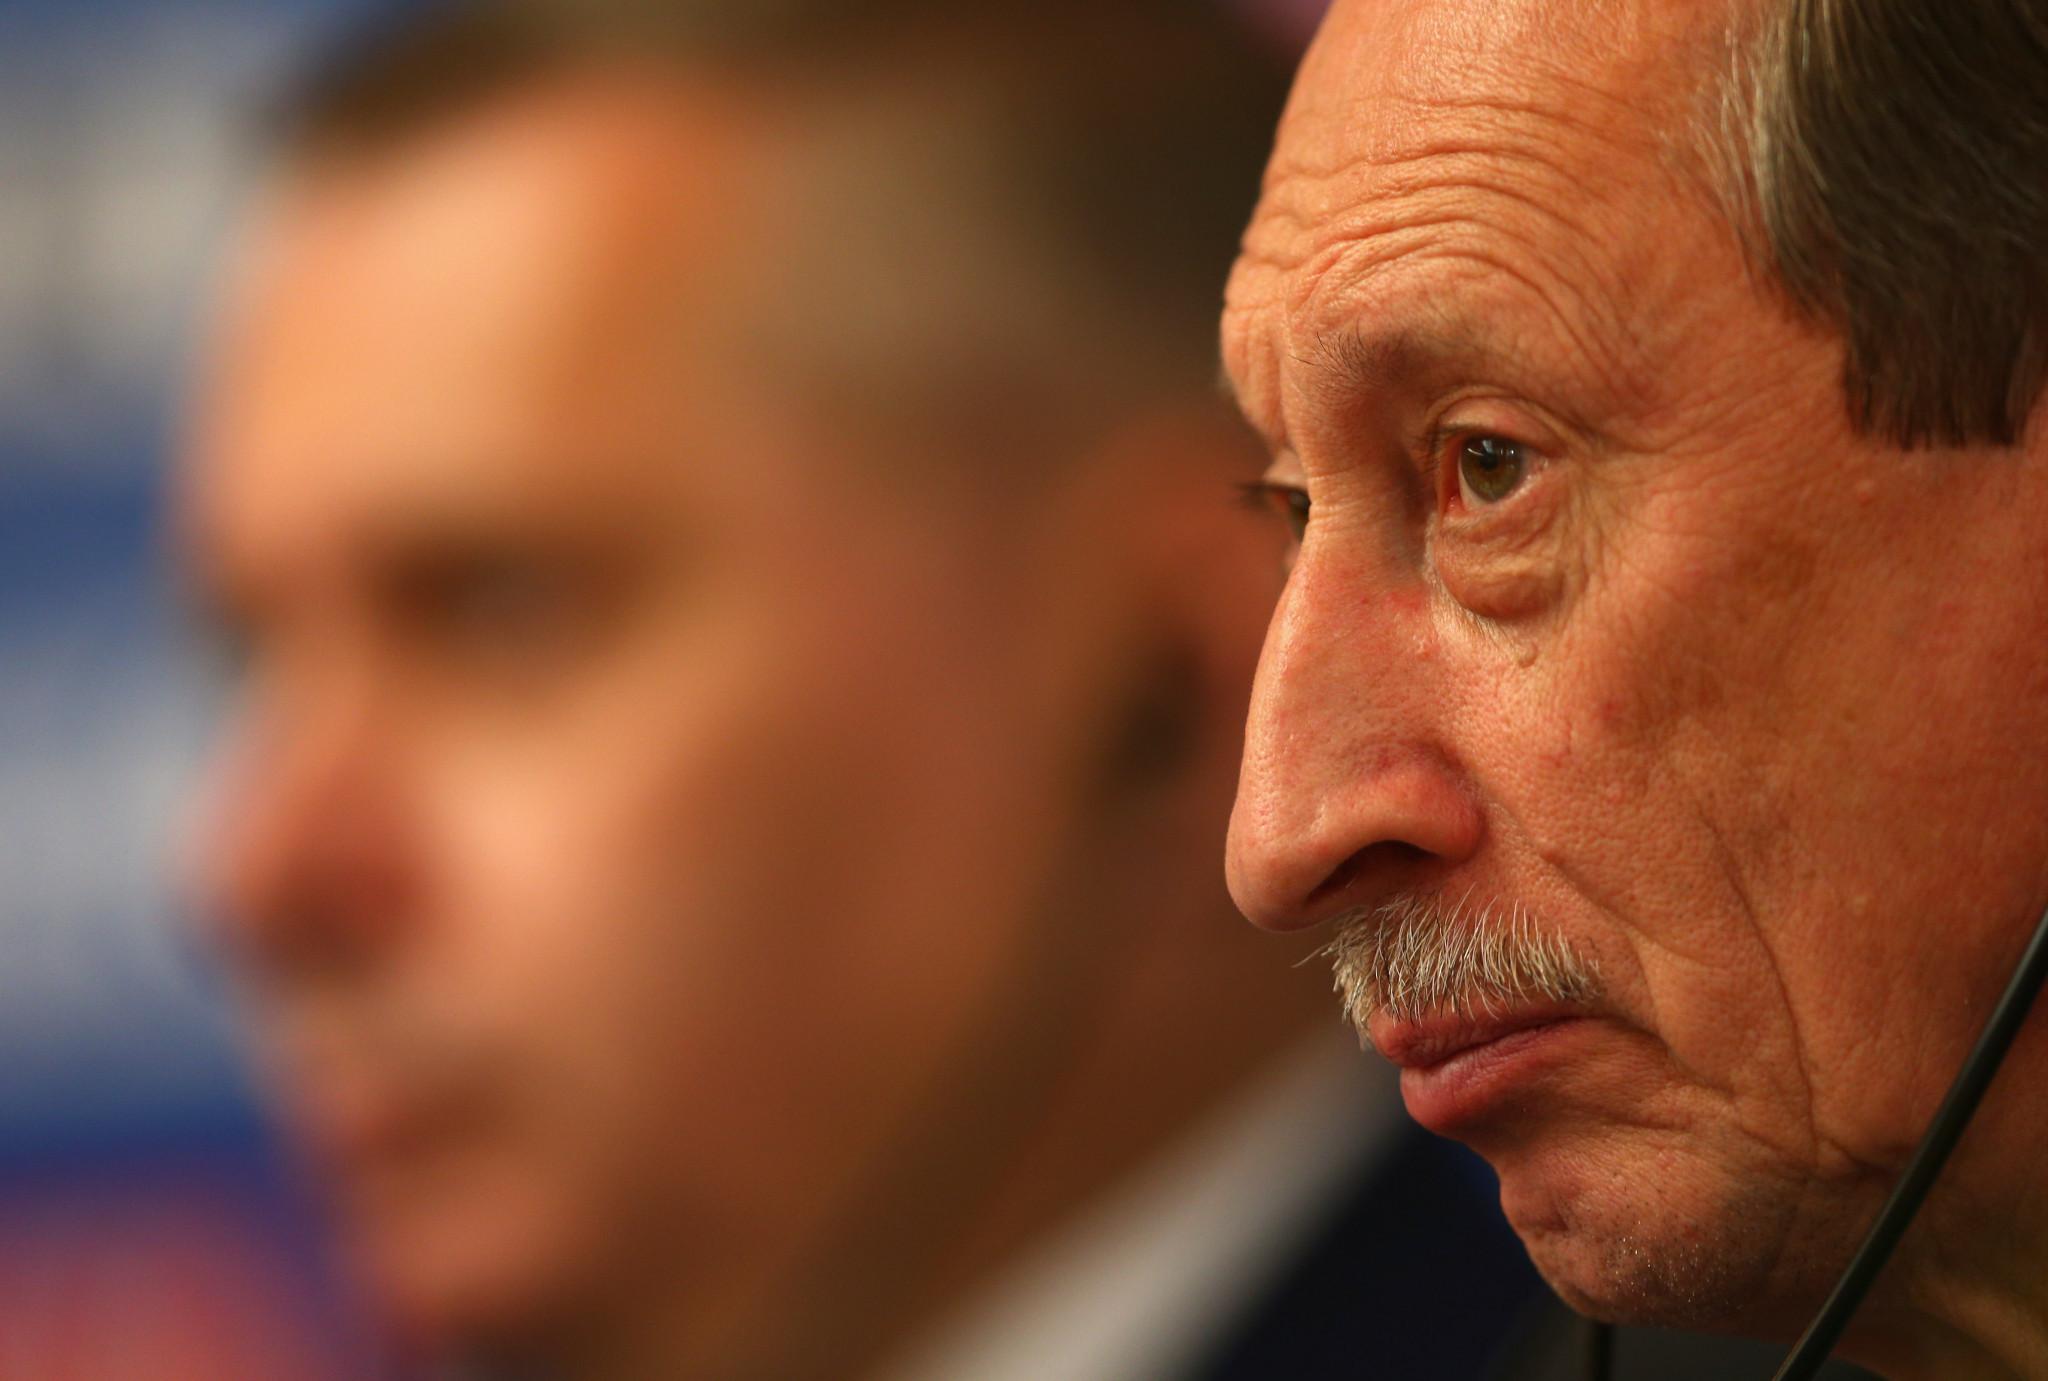 Former RusAF President Balakhnichev vows appeal against prison sentence